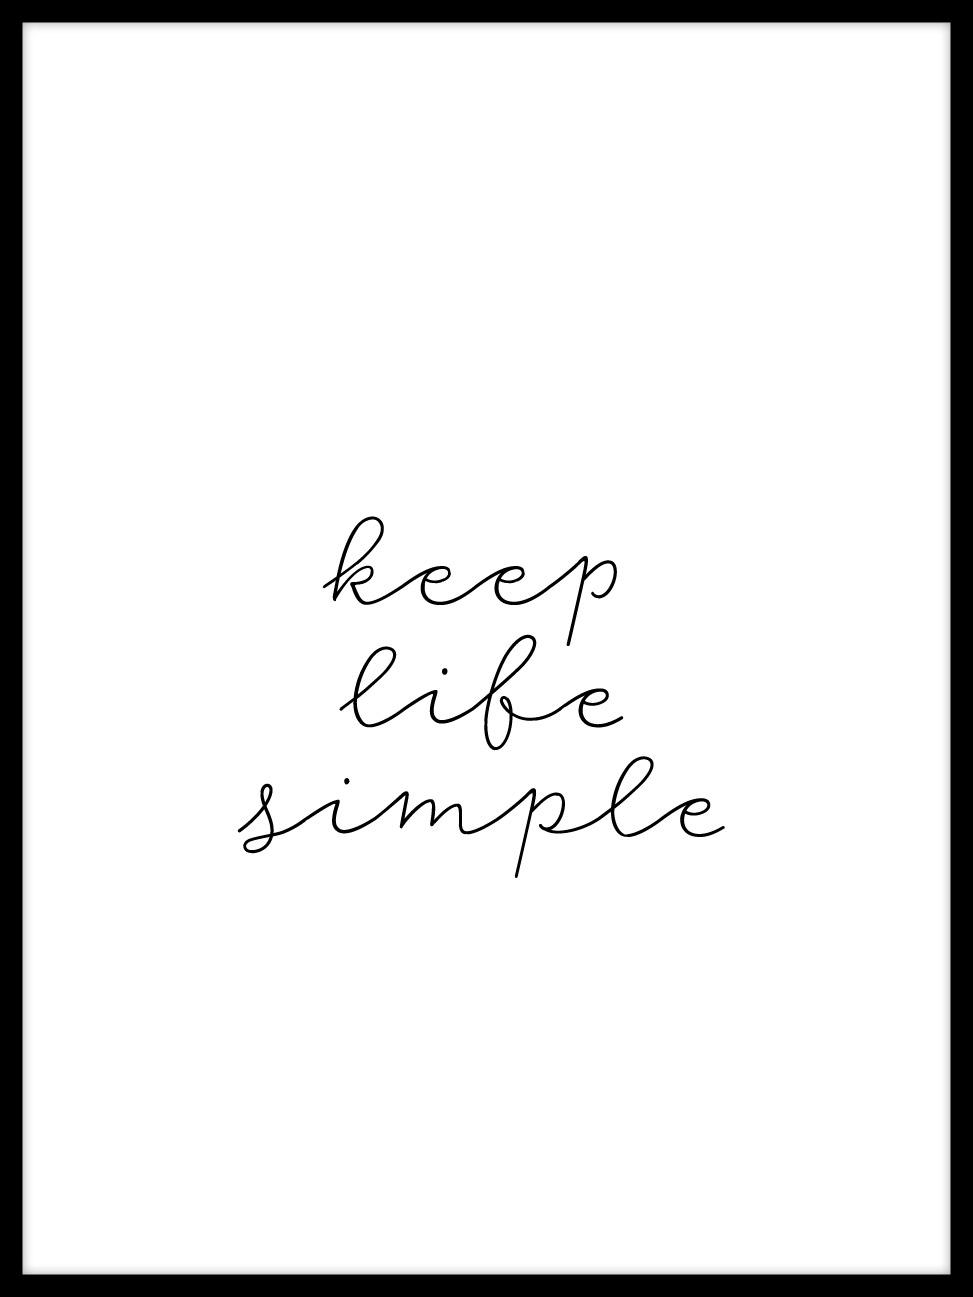 halte dein leben einfach